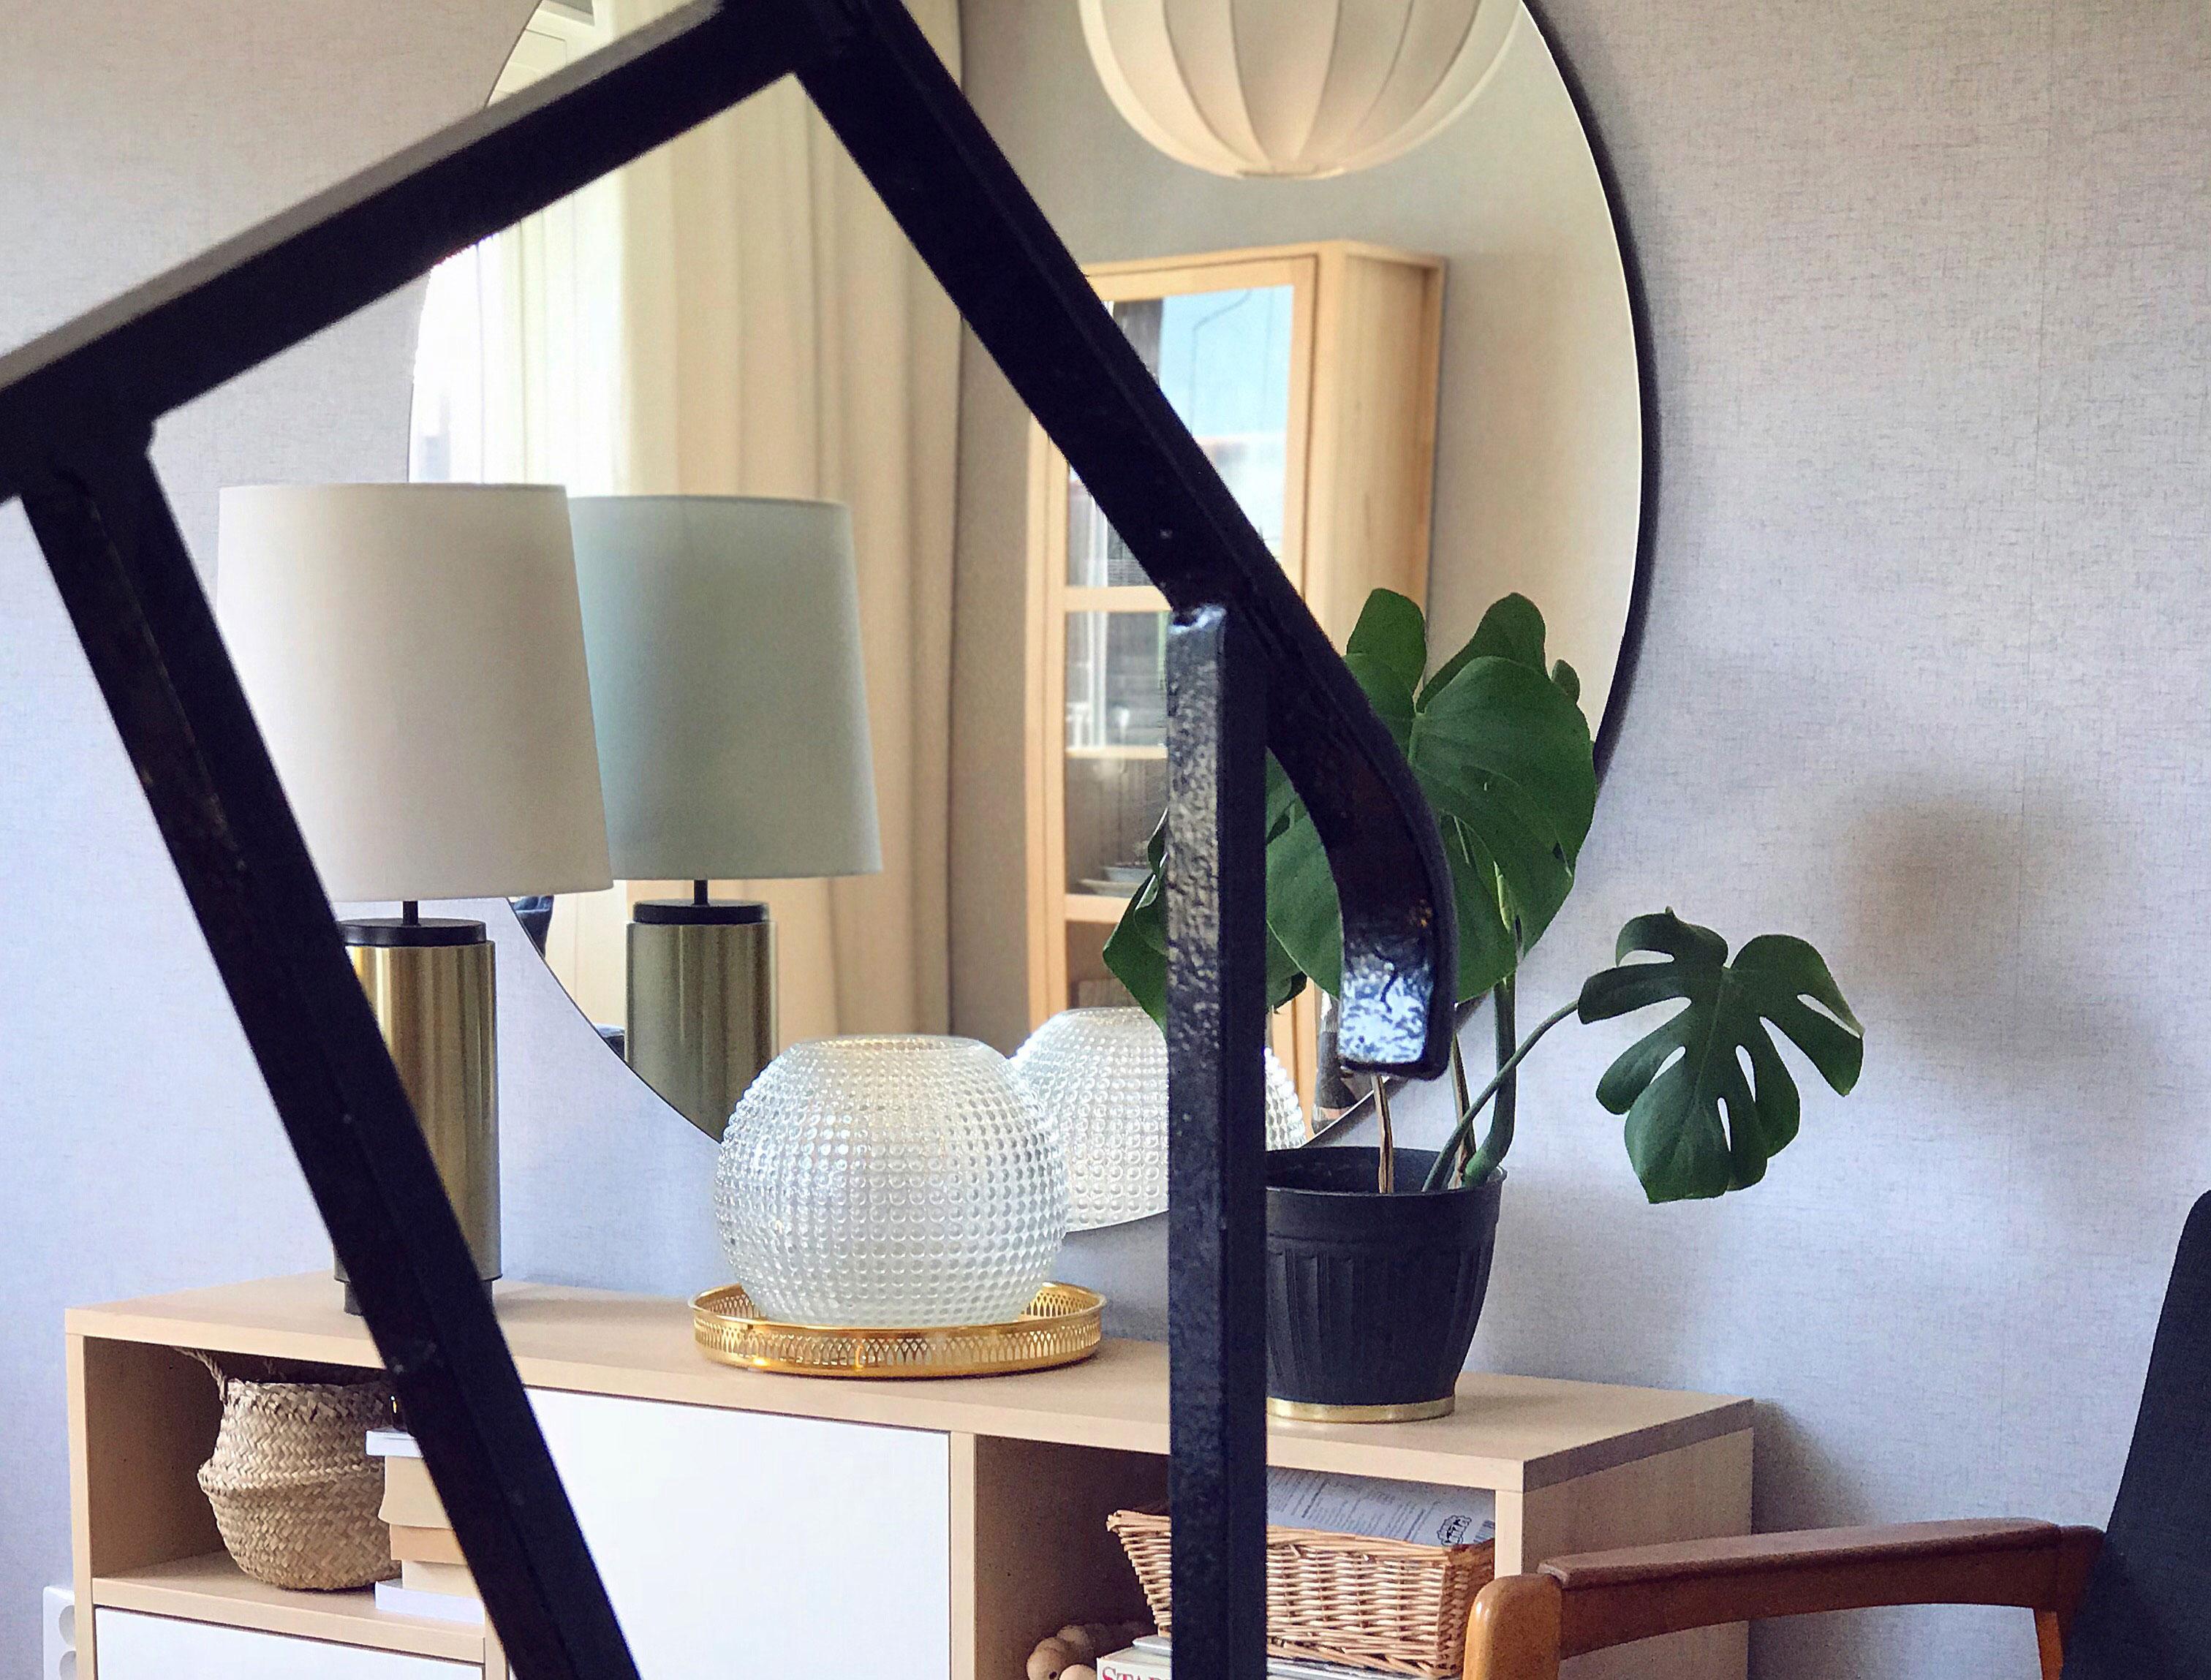 radhus-vardagsrum-trappräcke-midbec-tapeter-efter-1